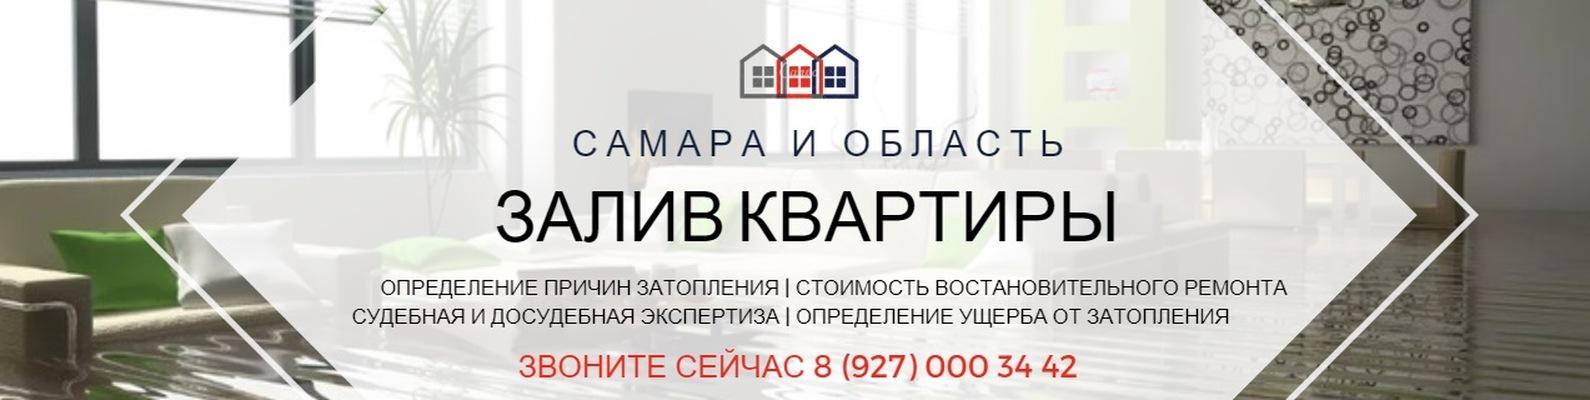 государственная независимая экспертиза после залива квартиры цены